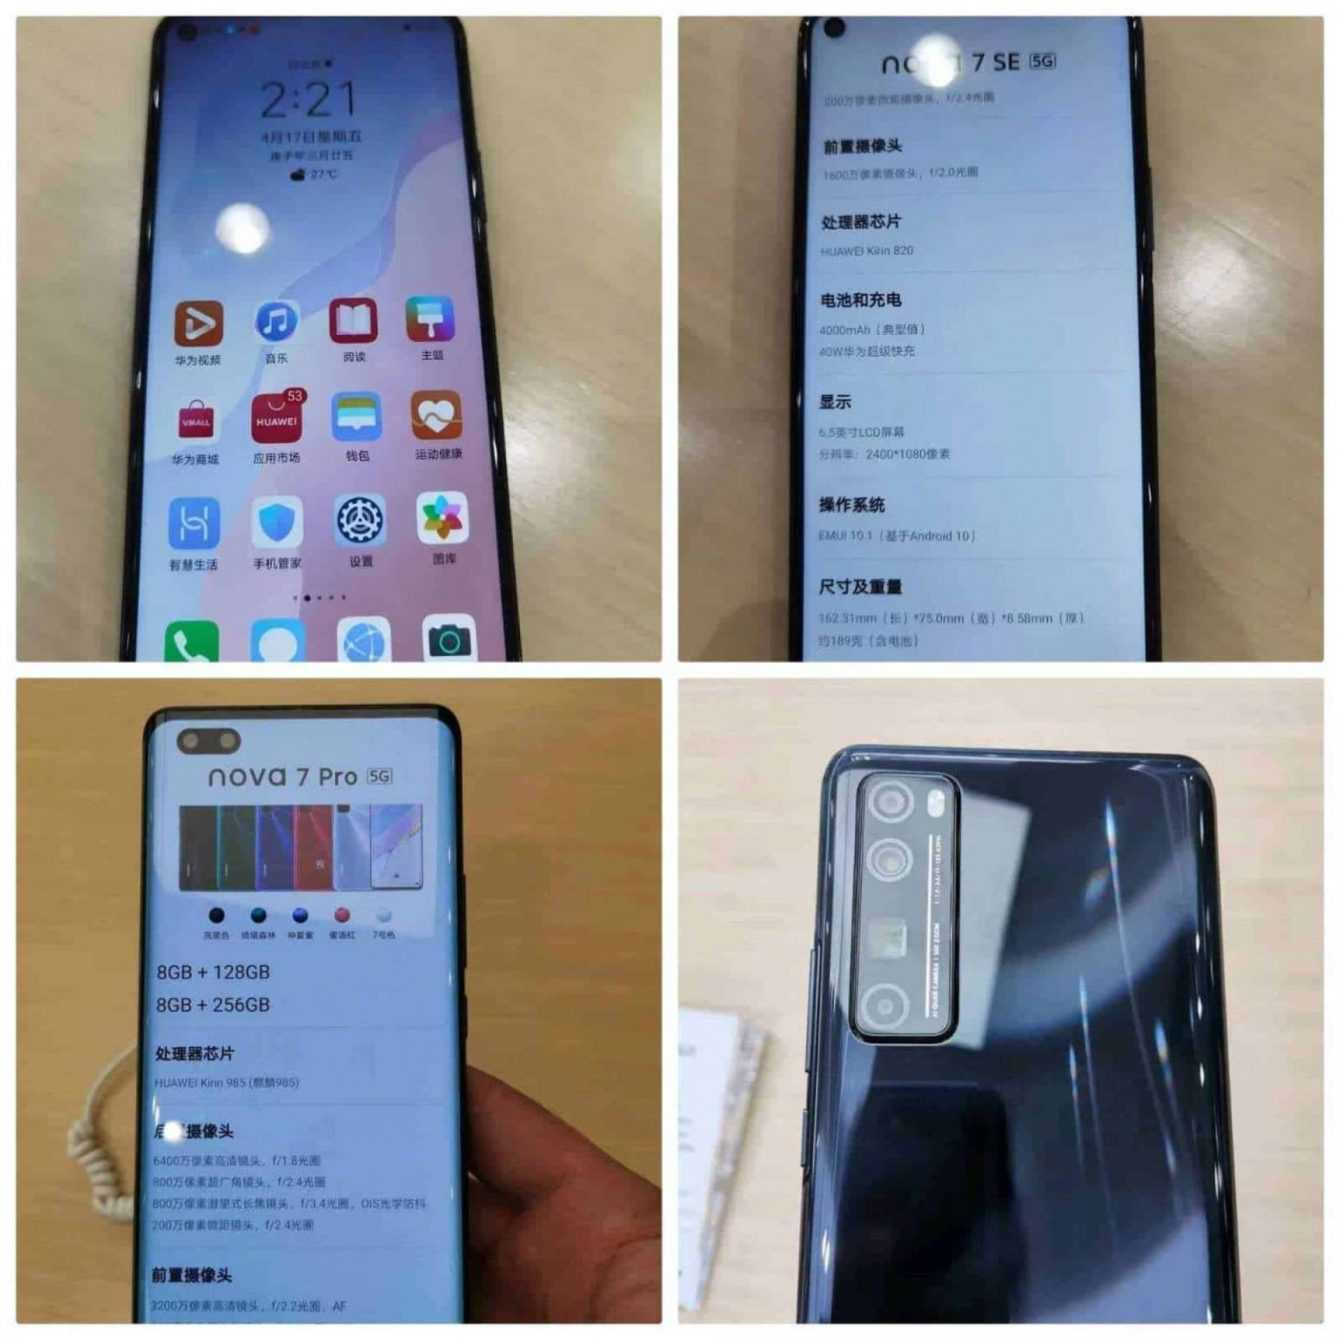 Huawei Nova 7: compaiono rumors sulle specifiche tecniche